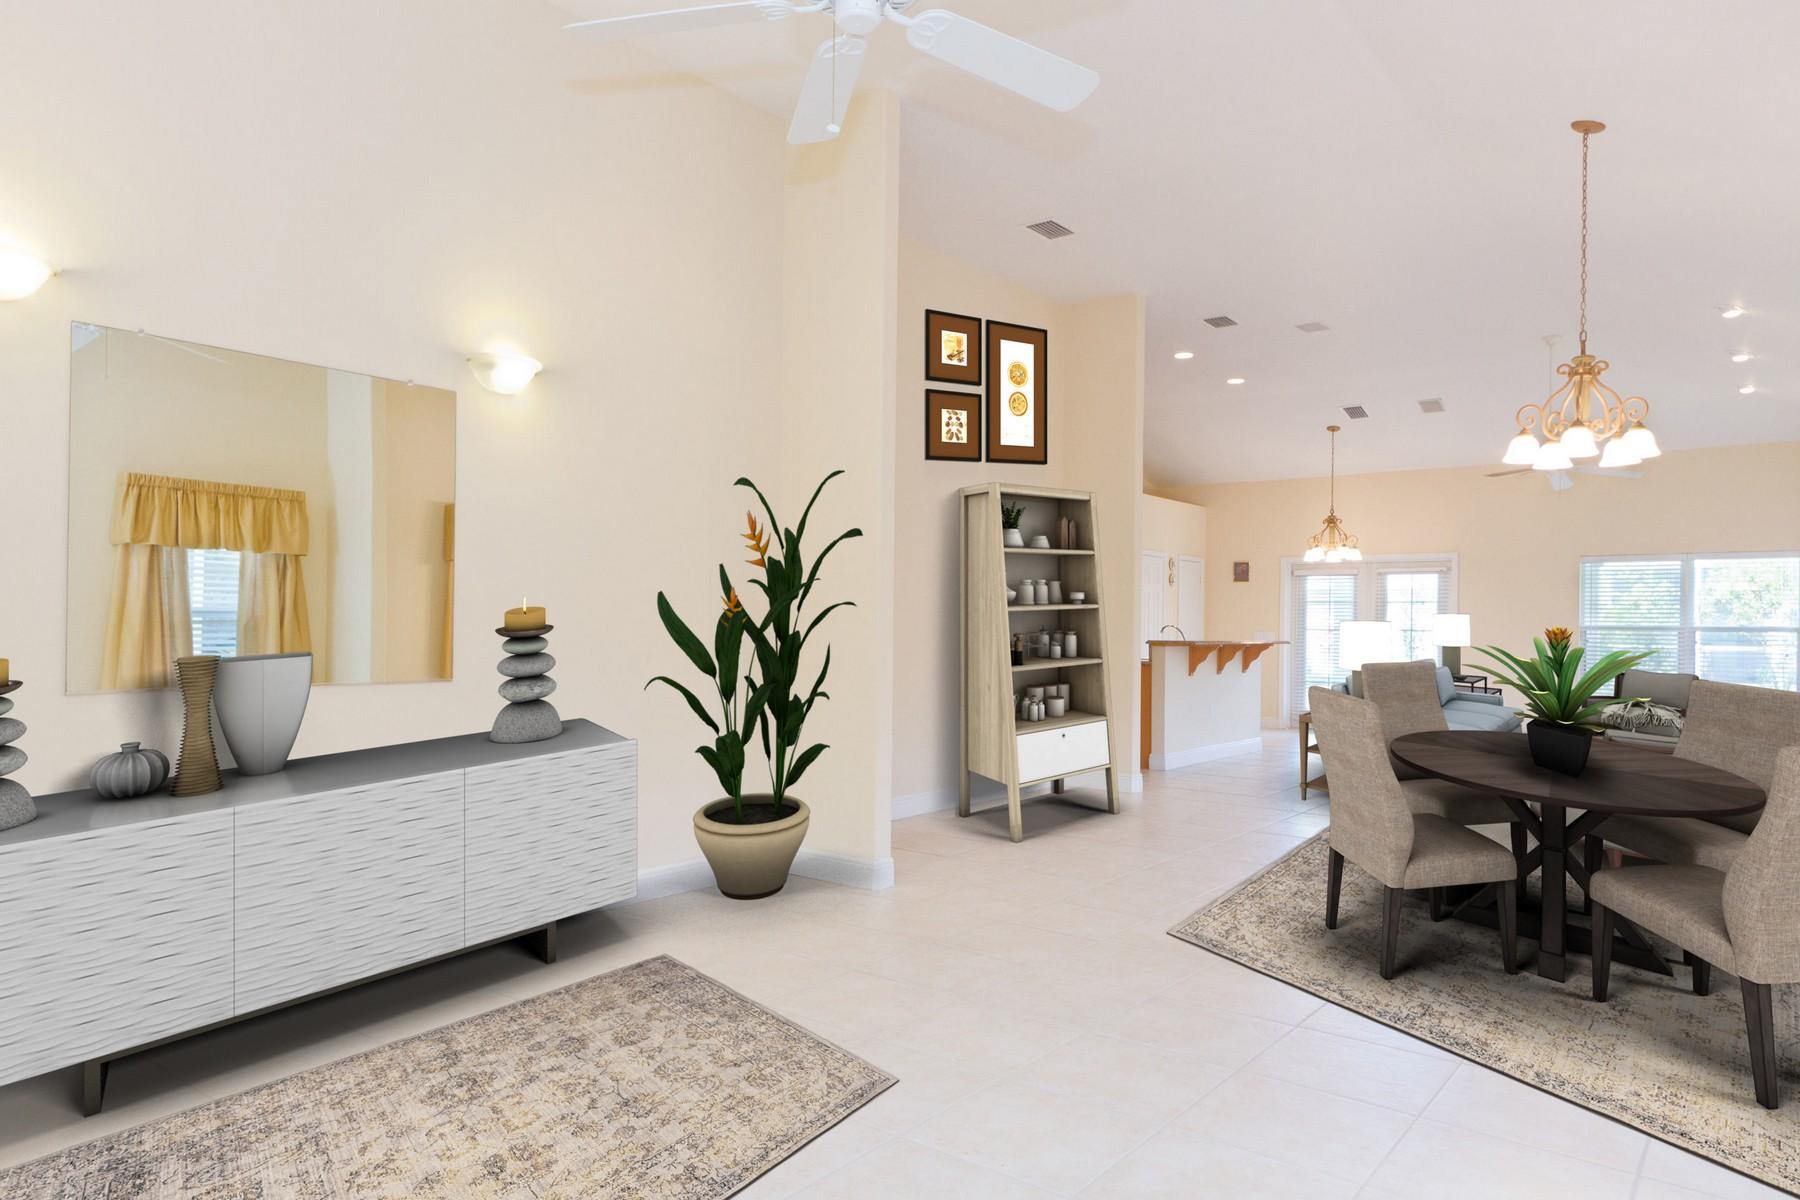 一戸建て のために 売買 アット Inviting Home With Generous Room Sizes and Open Concept Floorplan! 771 Brookedge Terrace Sebastian, フロリダ 32958 アメリカ